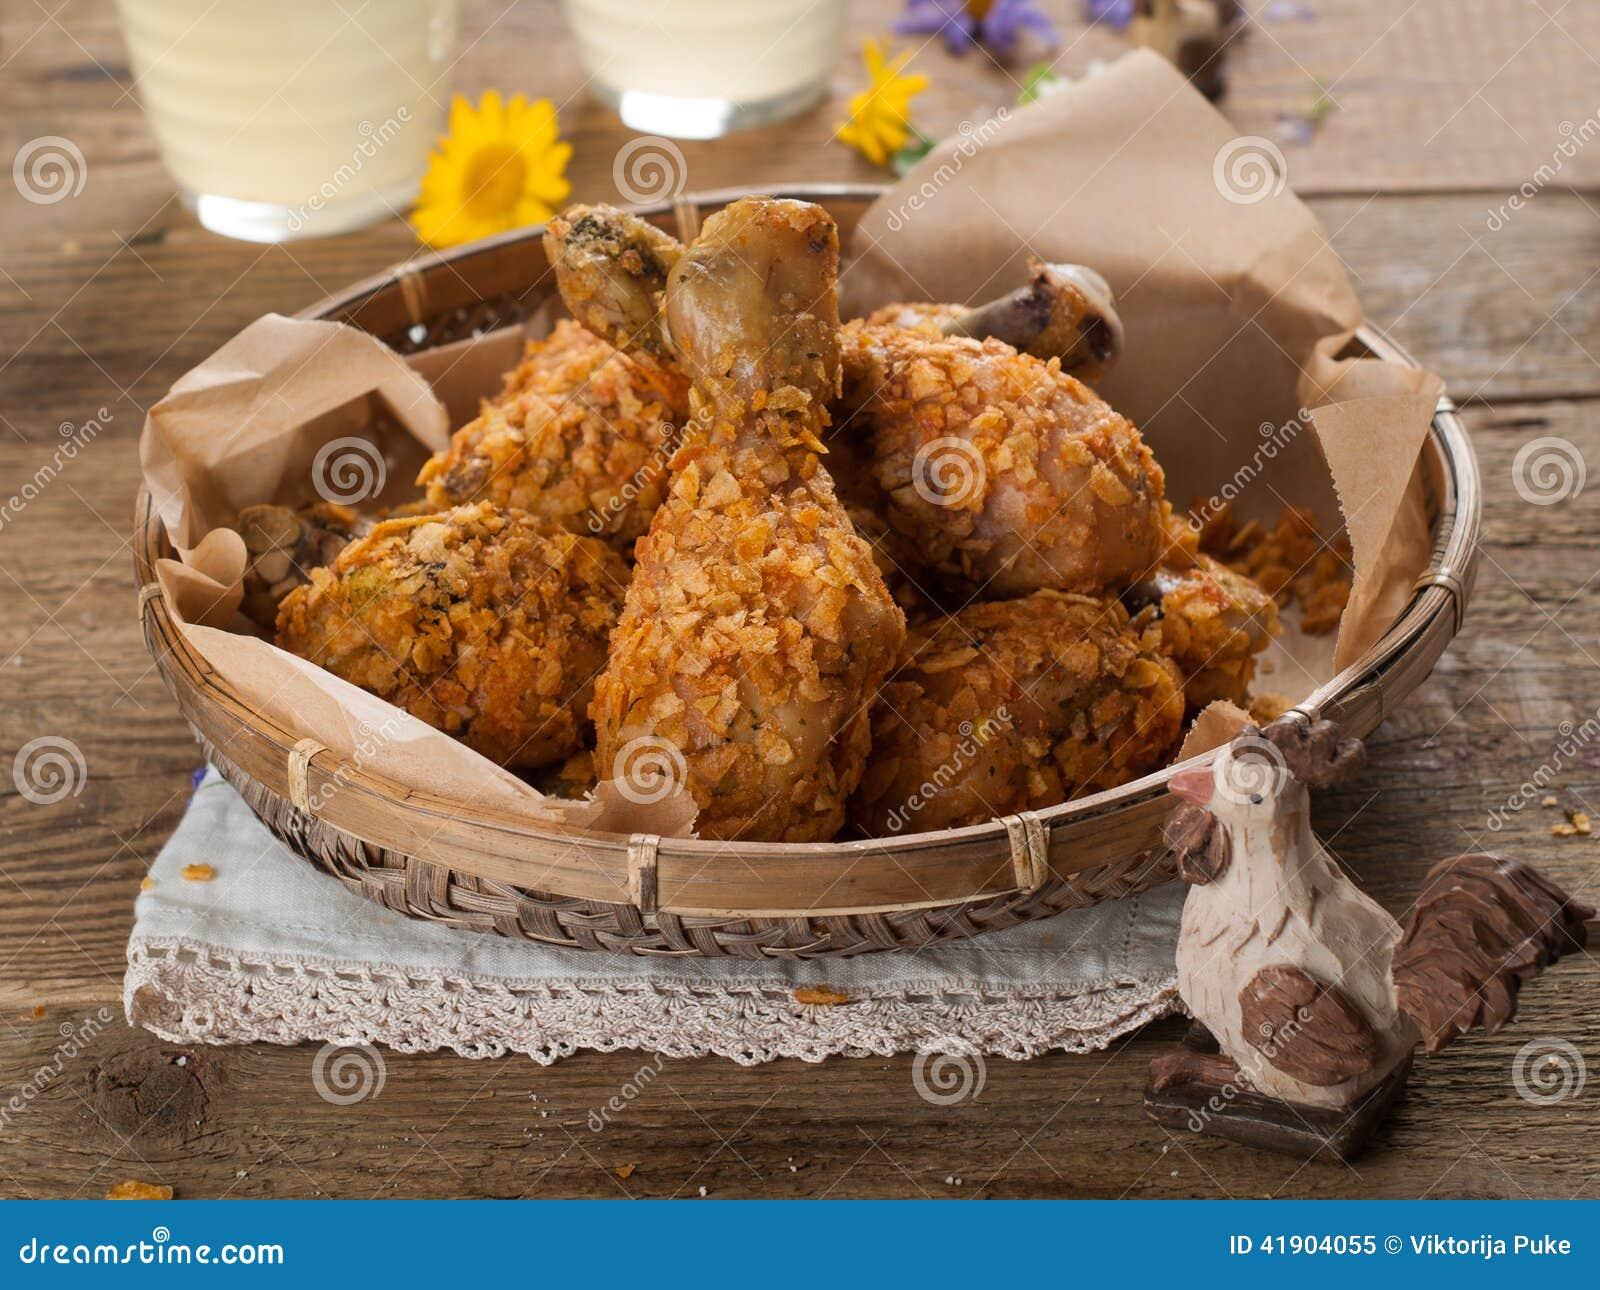 Pierna de pollo frito